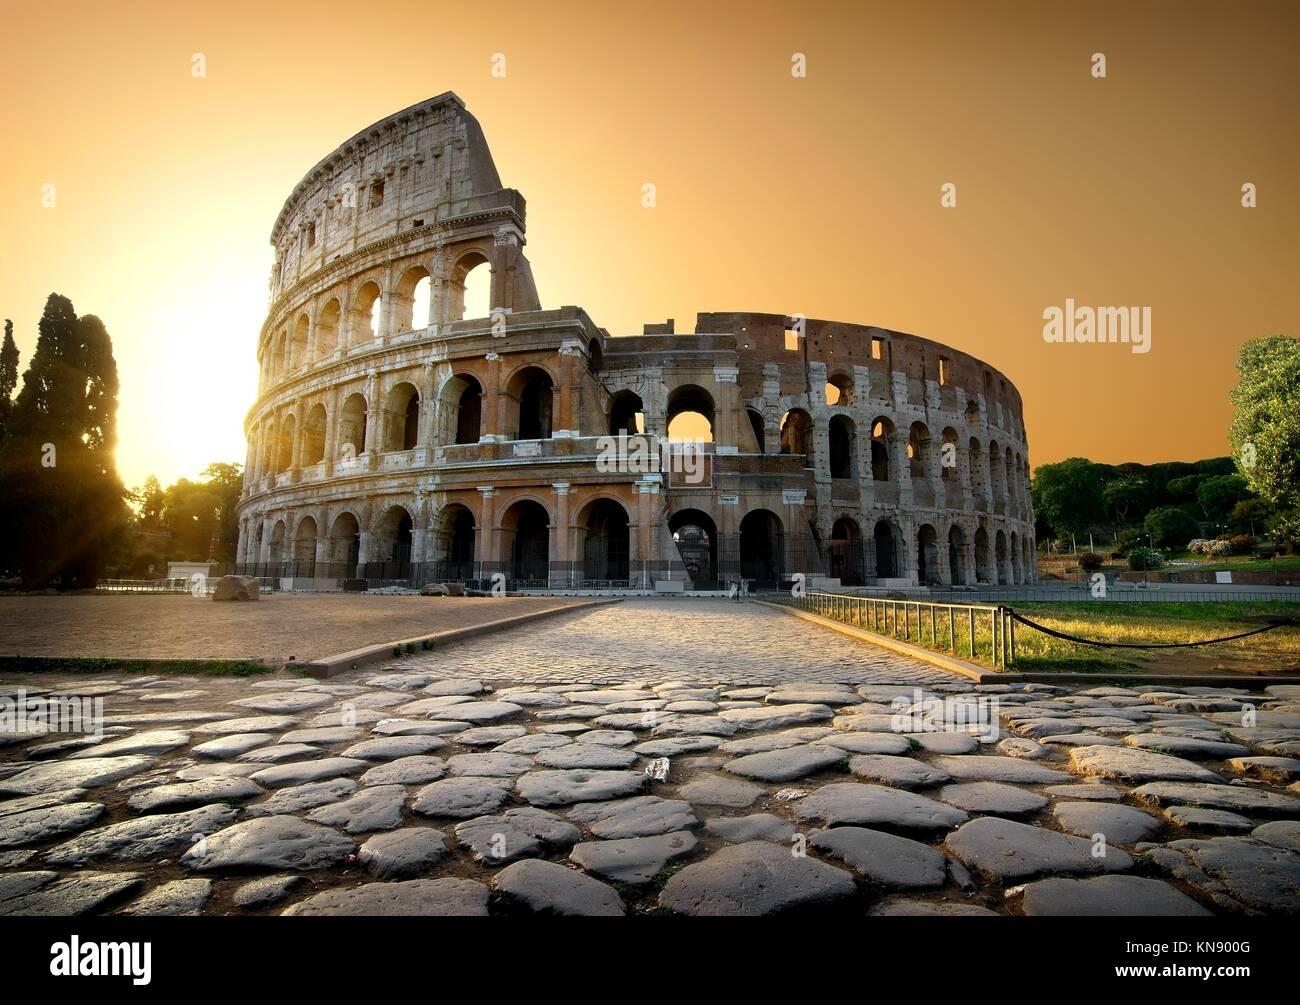 Cielo amarillo y el coliseo en Roma, Italia. Imagen De Stock